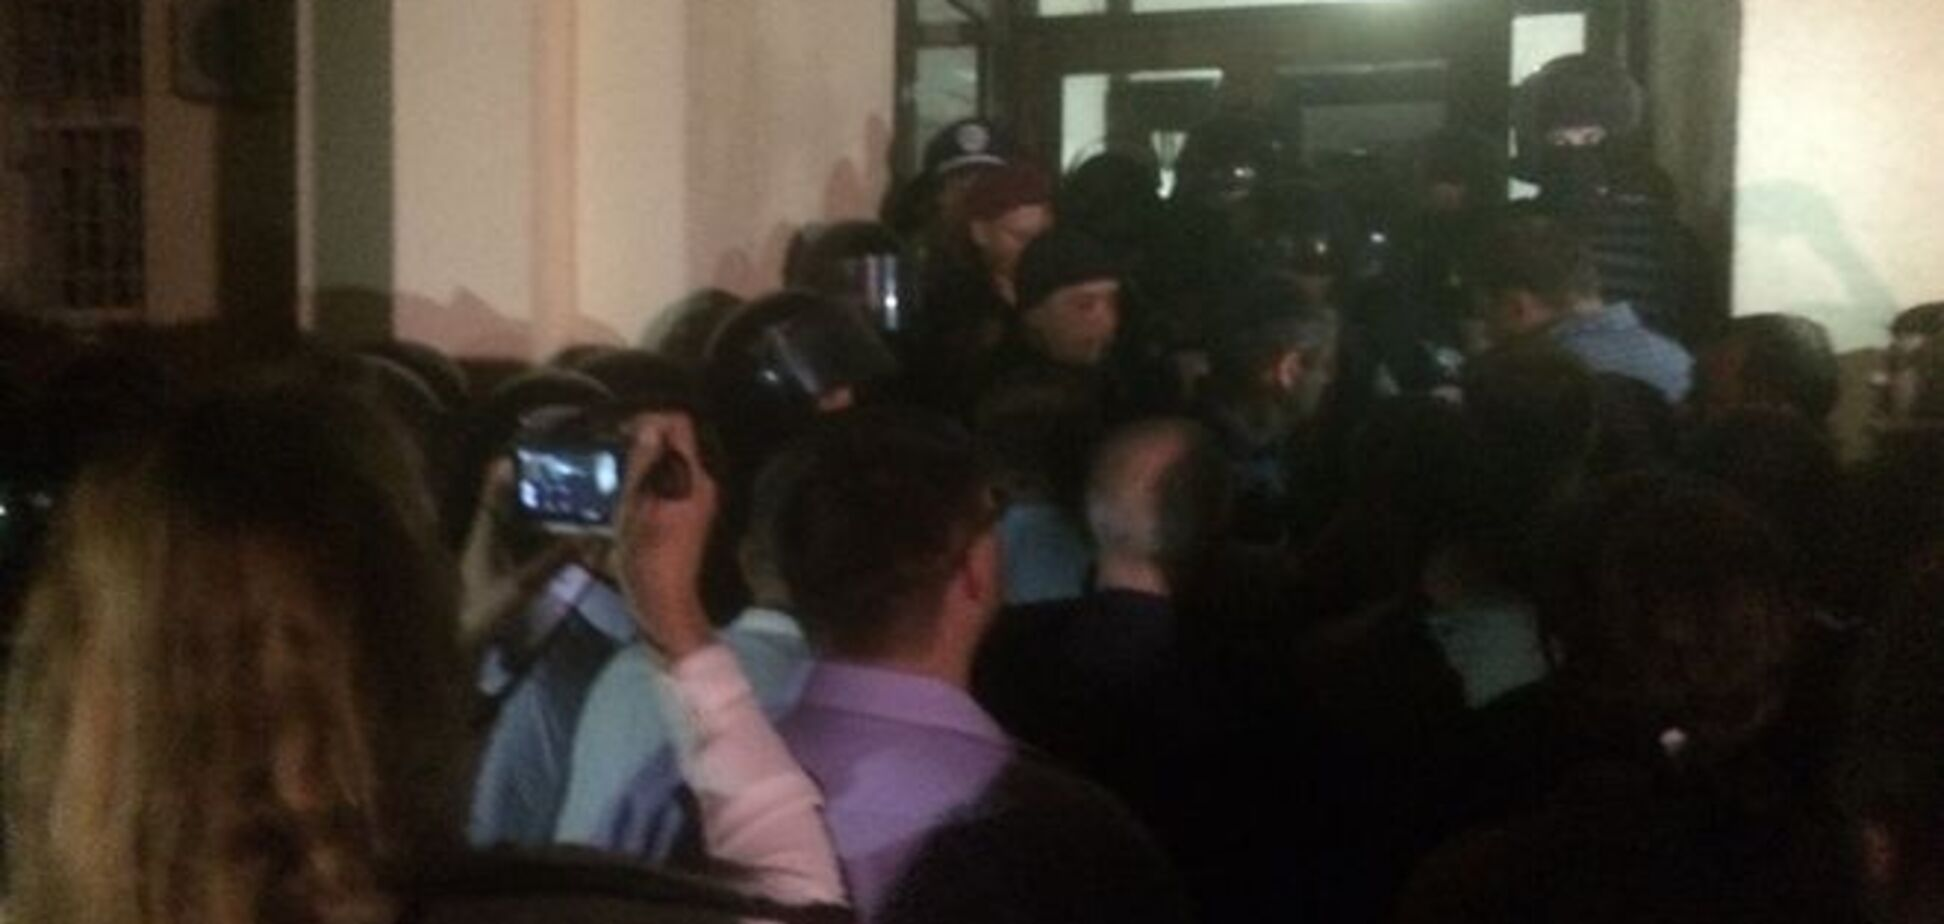 ЧП в киевском суде: беспредел милиции или нардепов?